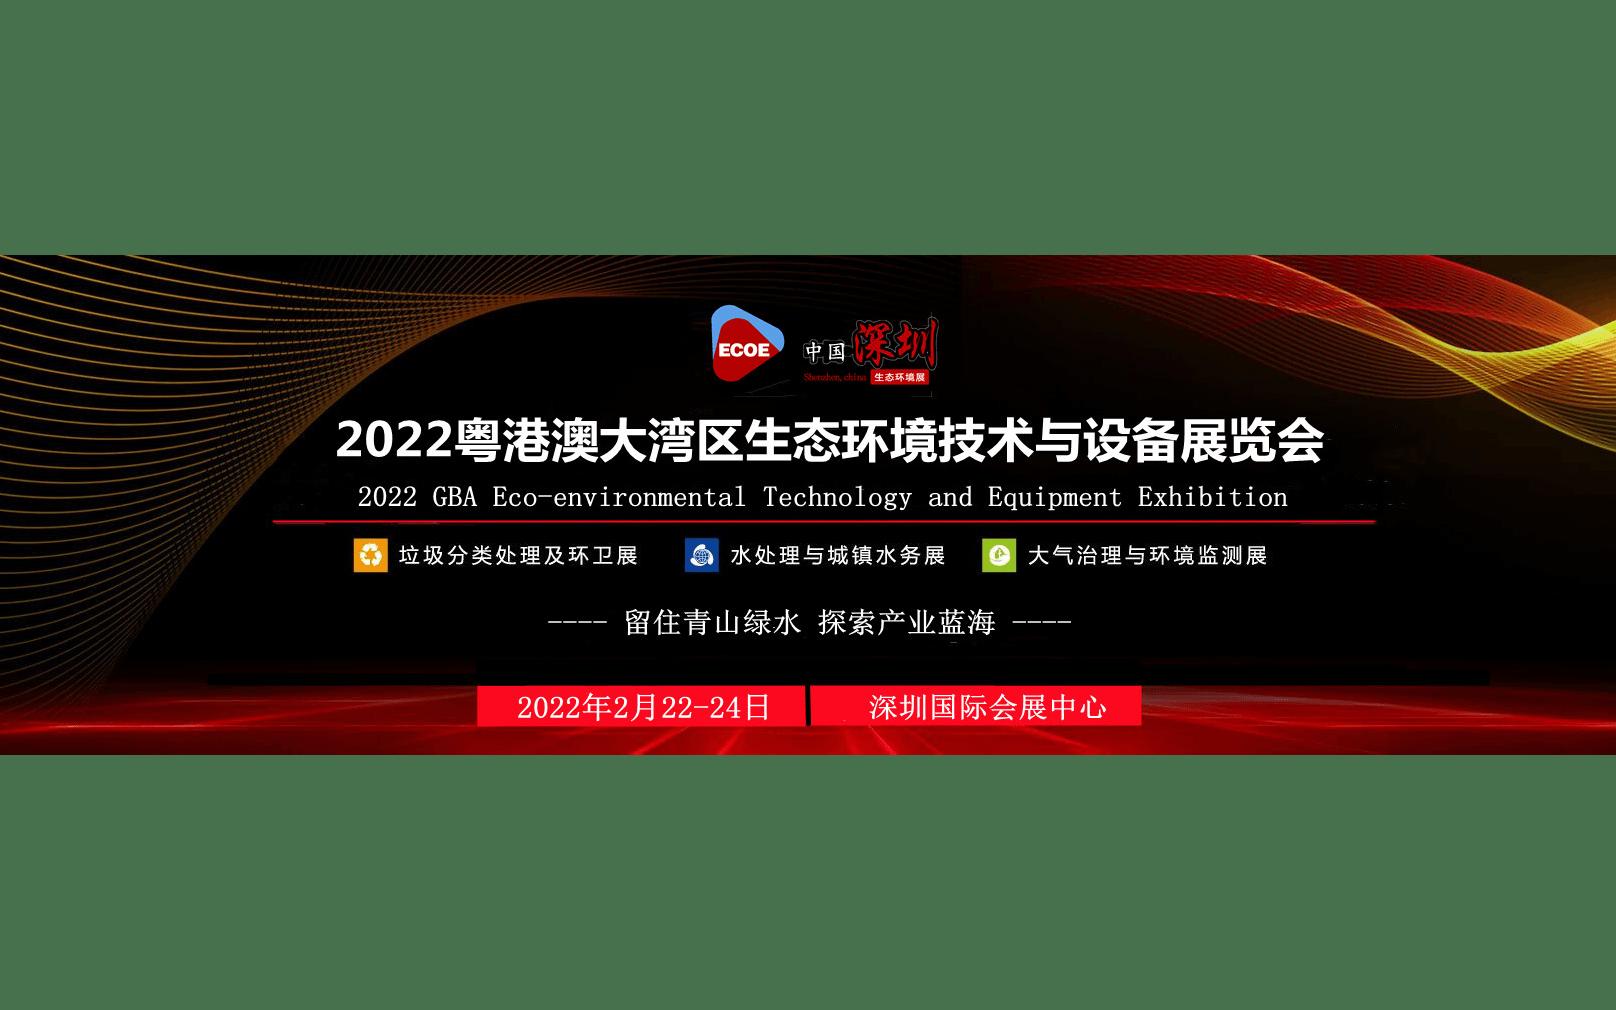 2022深圳环保展|2022广东环保大气展|中国环保展|广州环保展